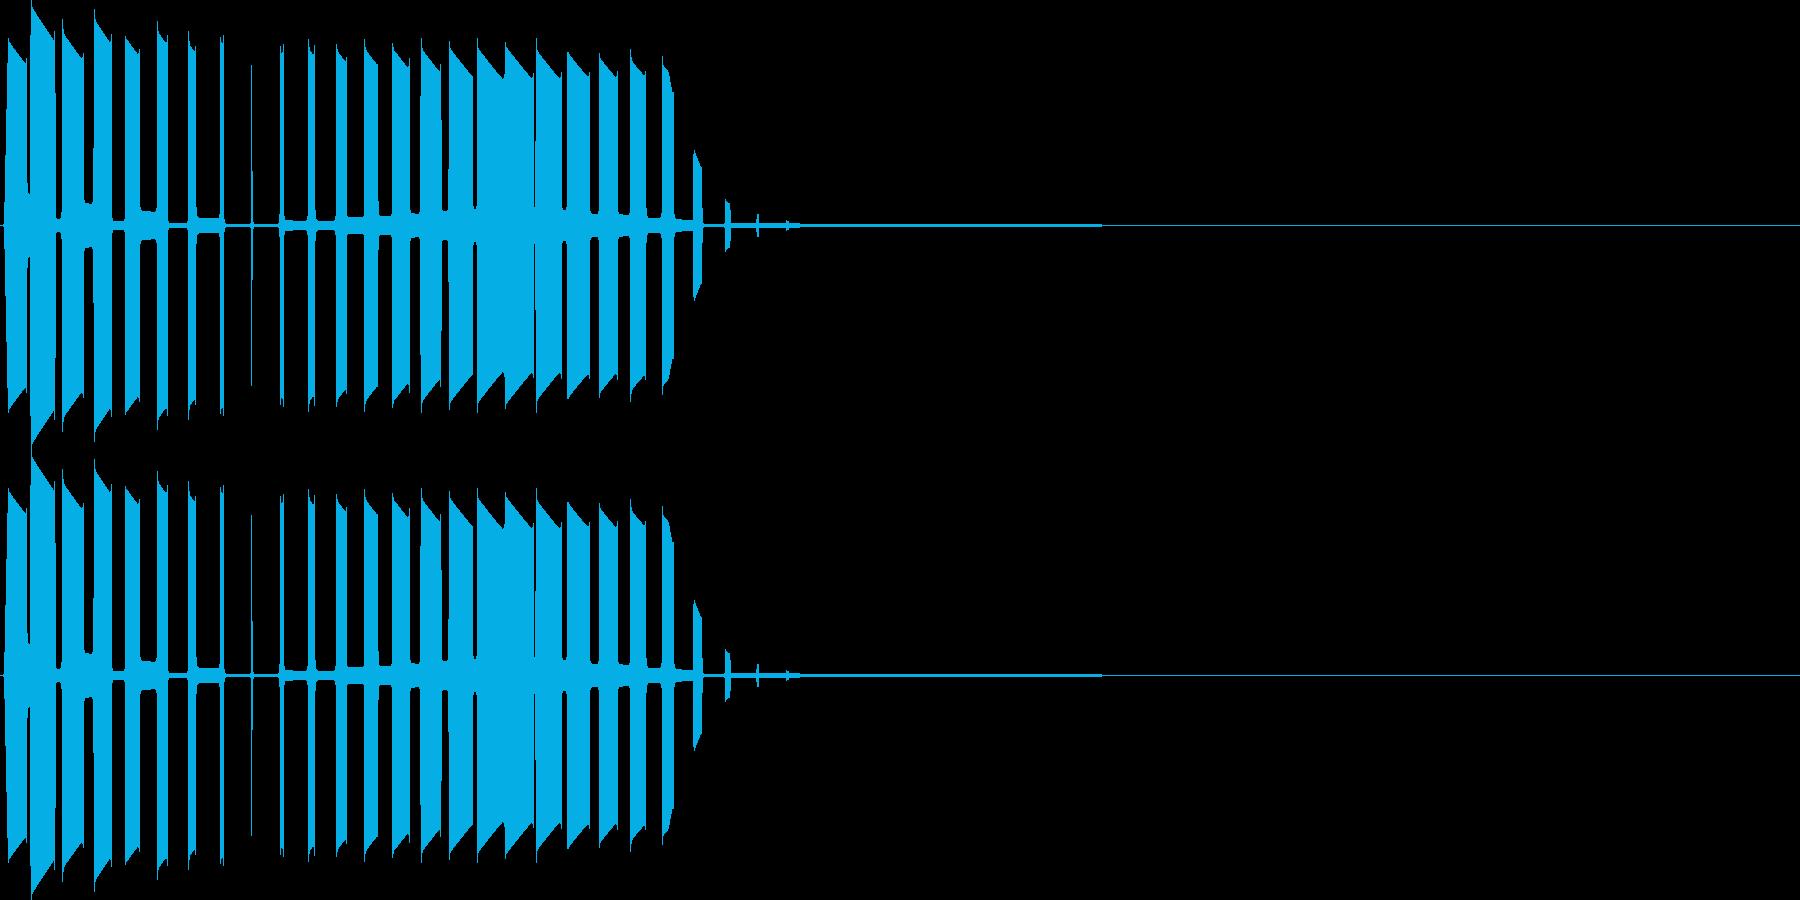 キャンセル音(プ)の再生済みの波形